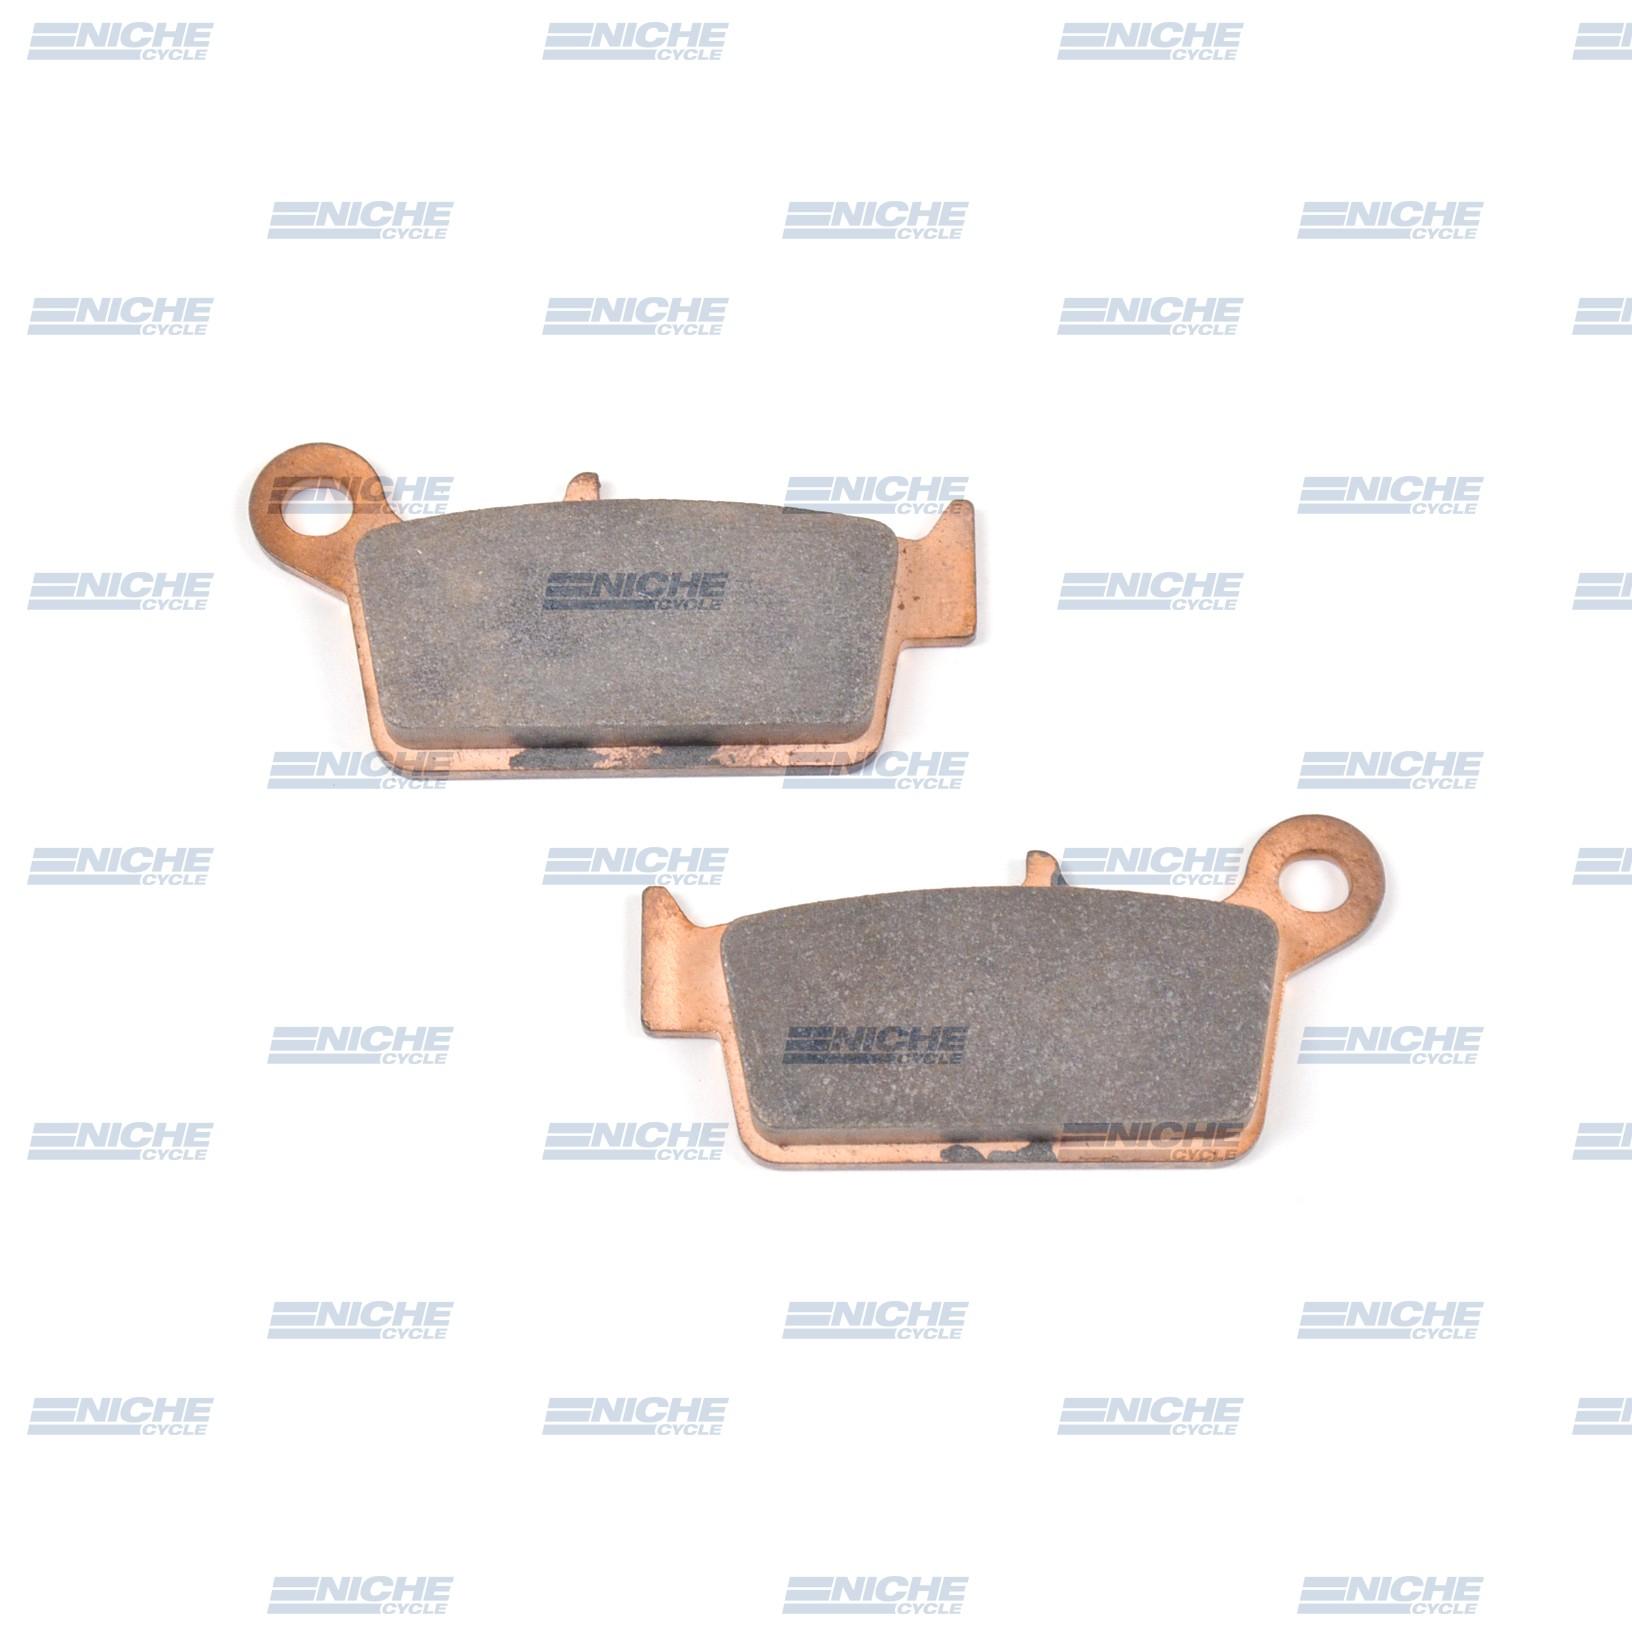 Brake Pad - Full Metal 64-51880